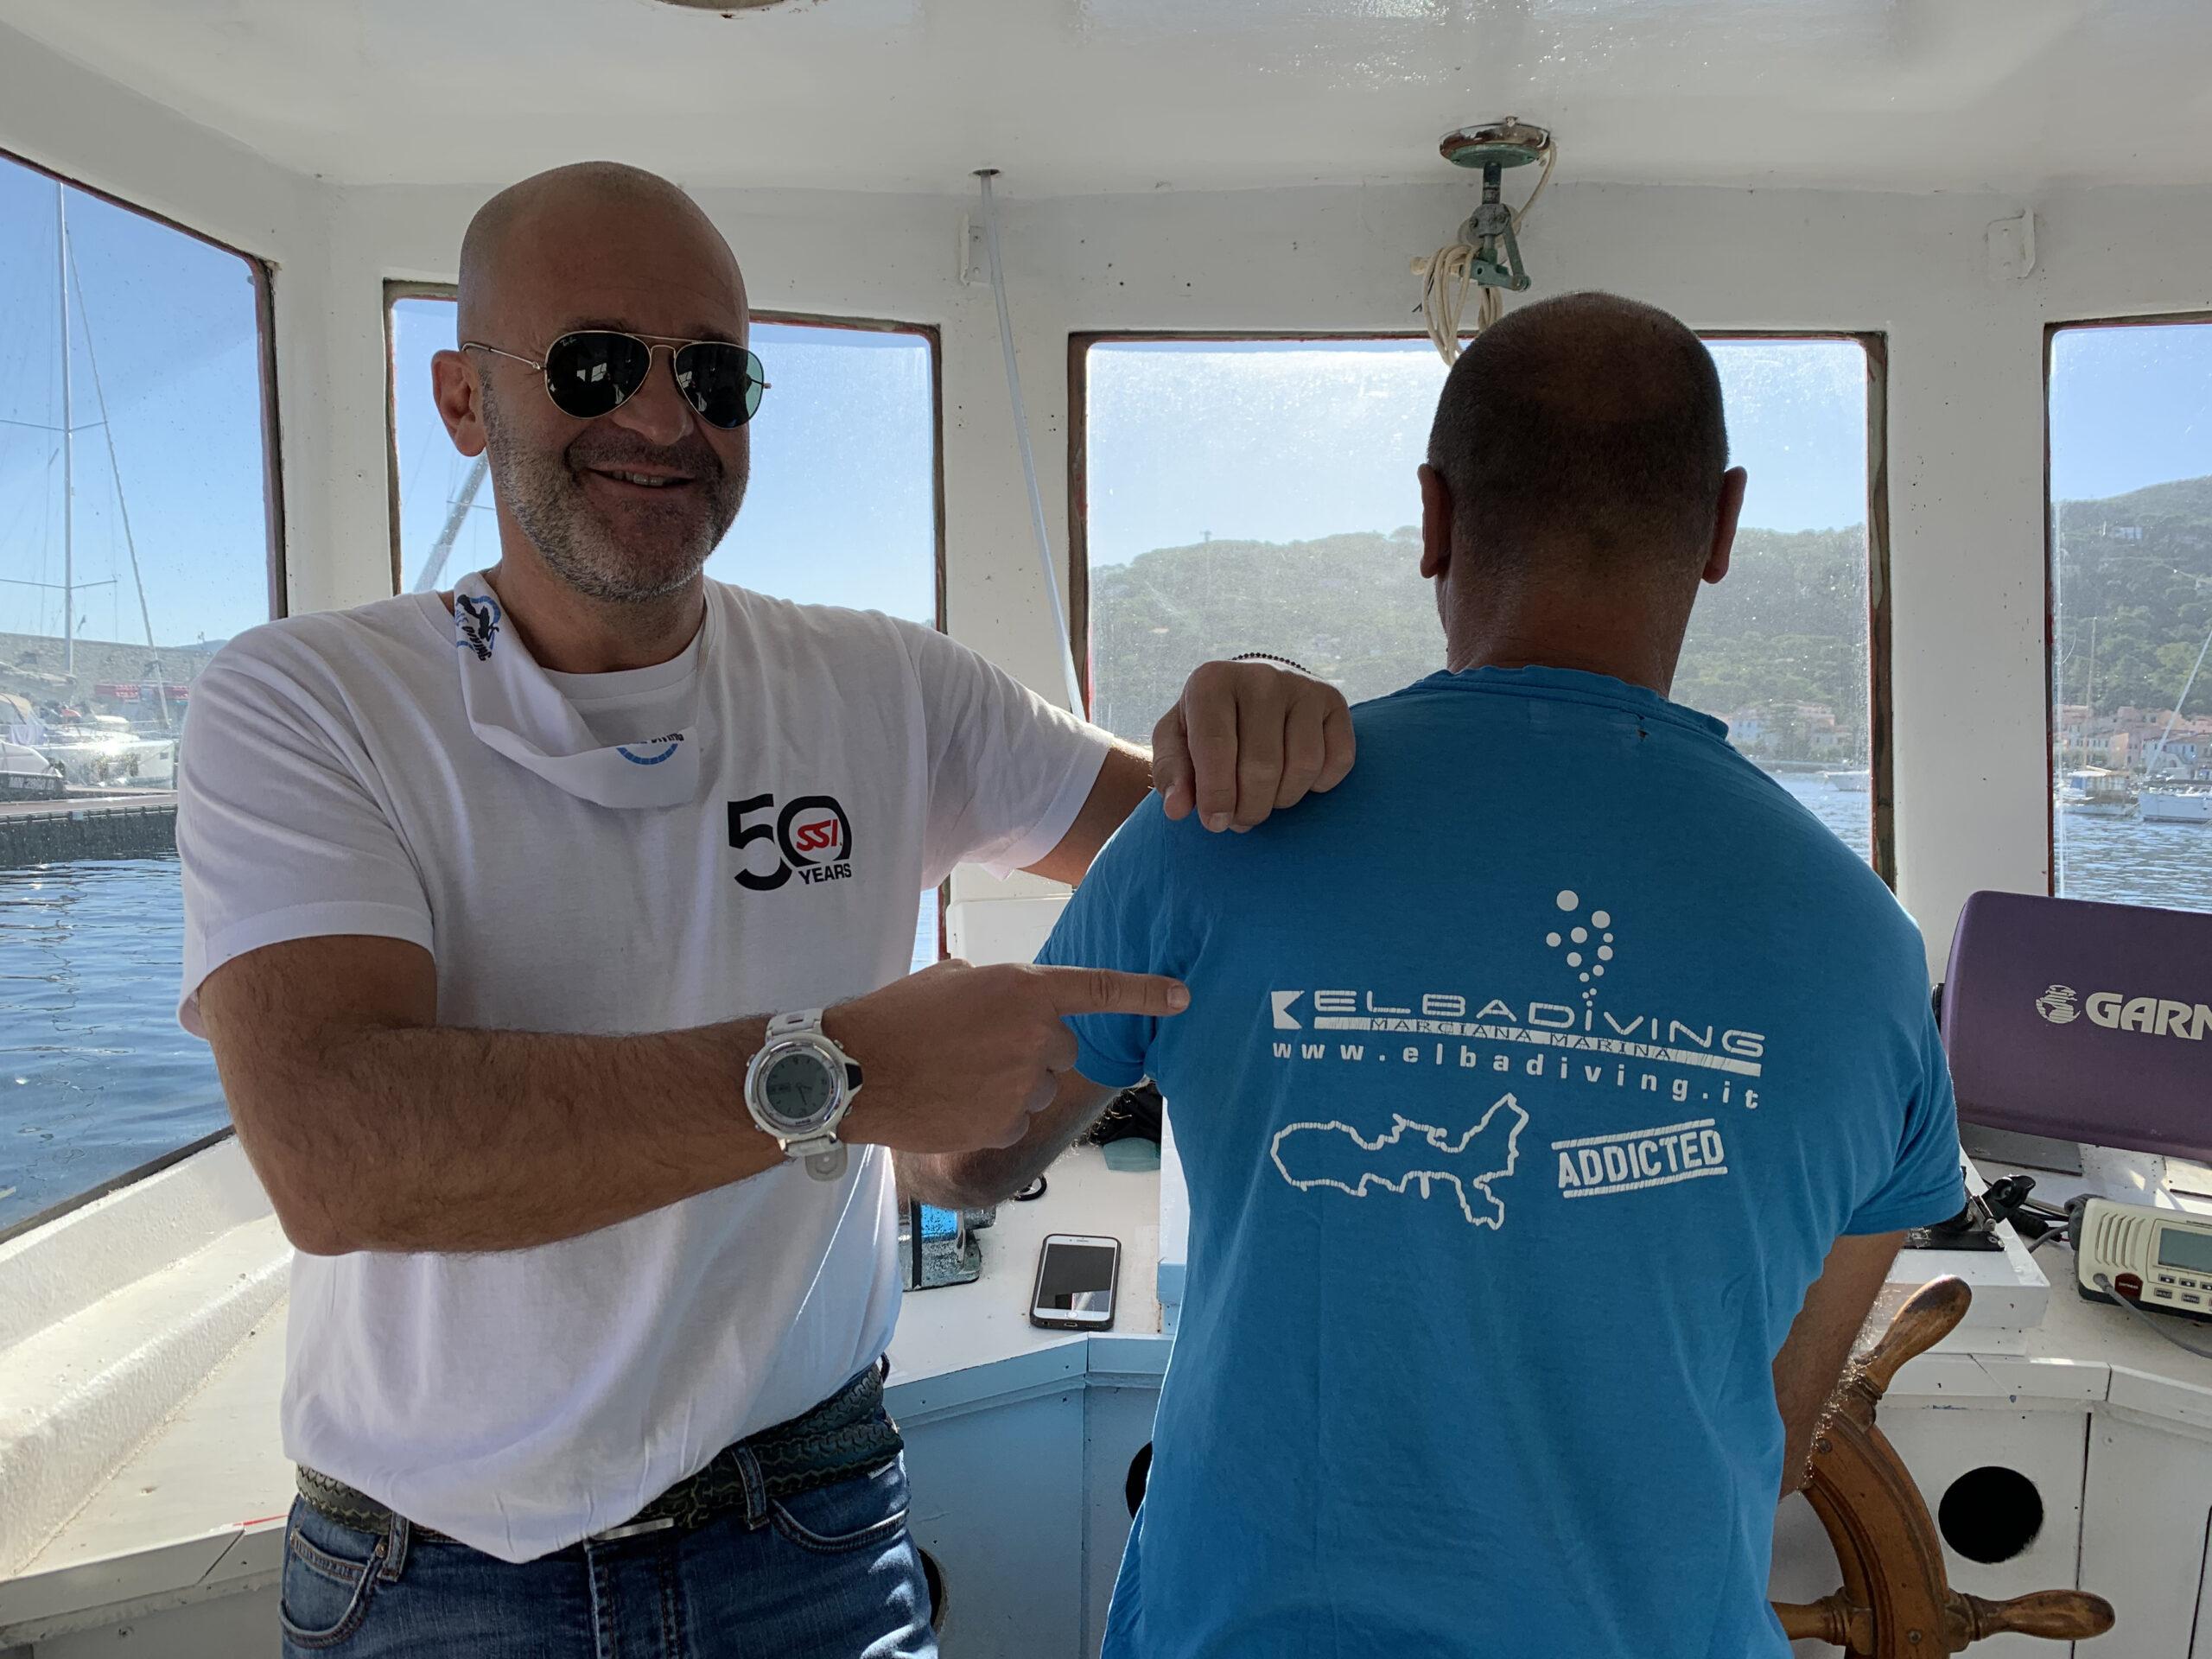 Sono all'Elba Diving, un diving center storico dell'Isola d'Elba, a due passi dal porto di Marciana Marina. Lo gestisce un caro amico subacqueo, Fabio Agostinelli. Mi accompagnerà alle Formiche della Zanca.